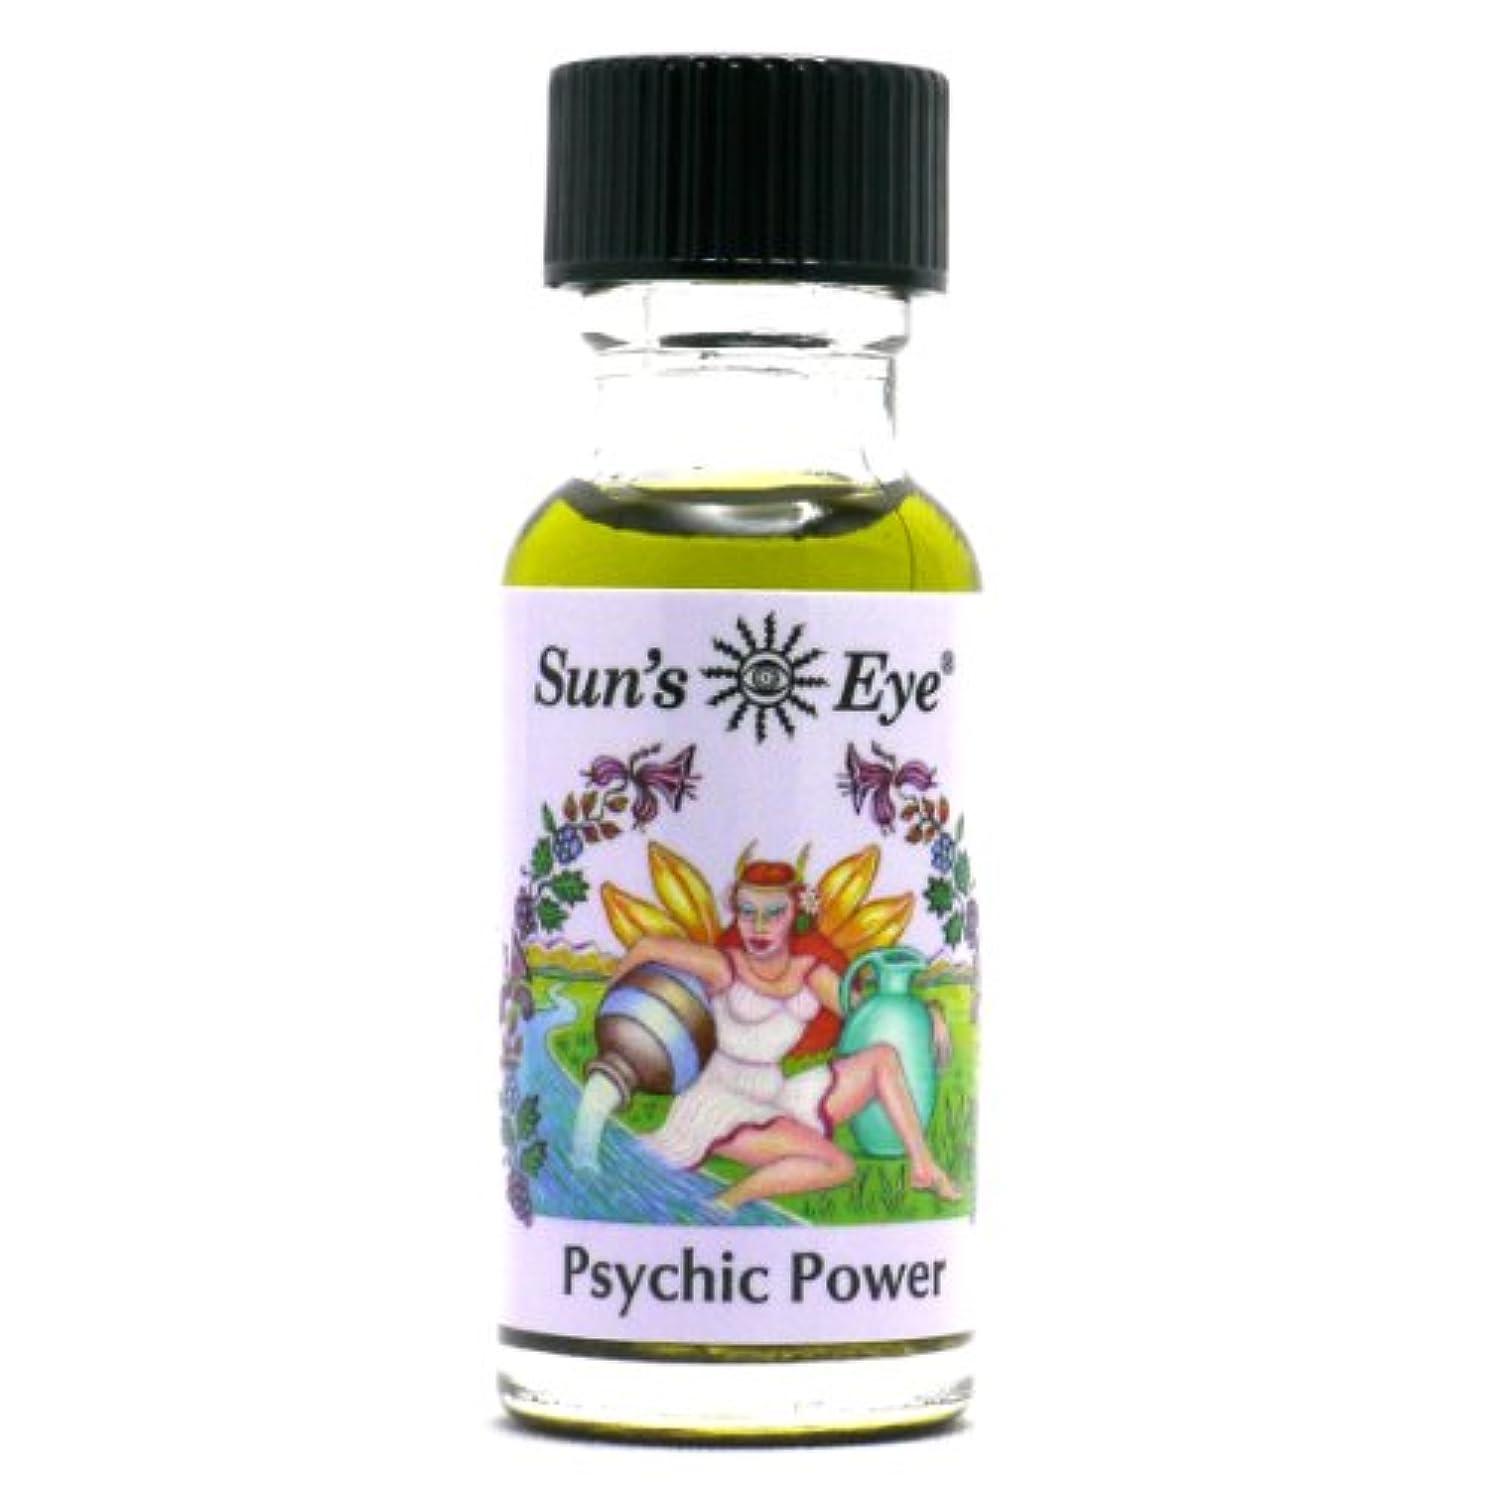 マザーランド丘主【Sun'sEye サンズアイ】Mystic Blends(ミスティックブレンドオイル)Psychic Power(サイキックパワー)